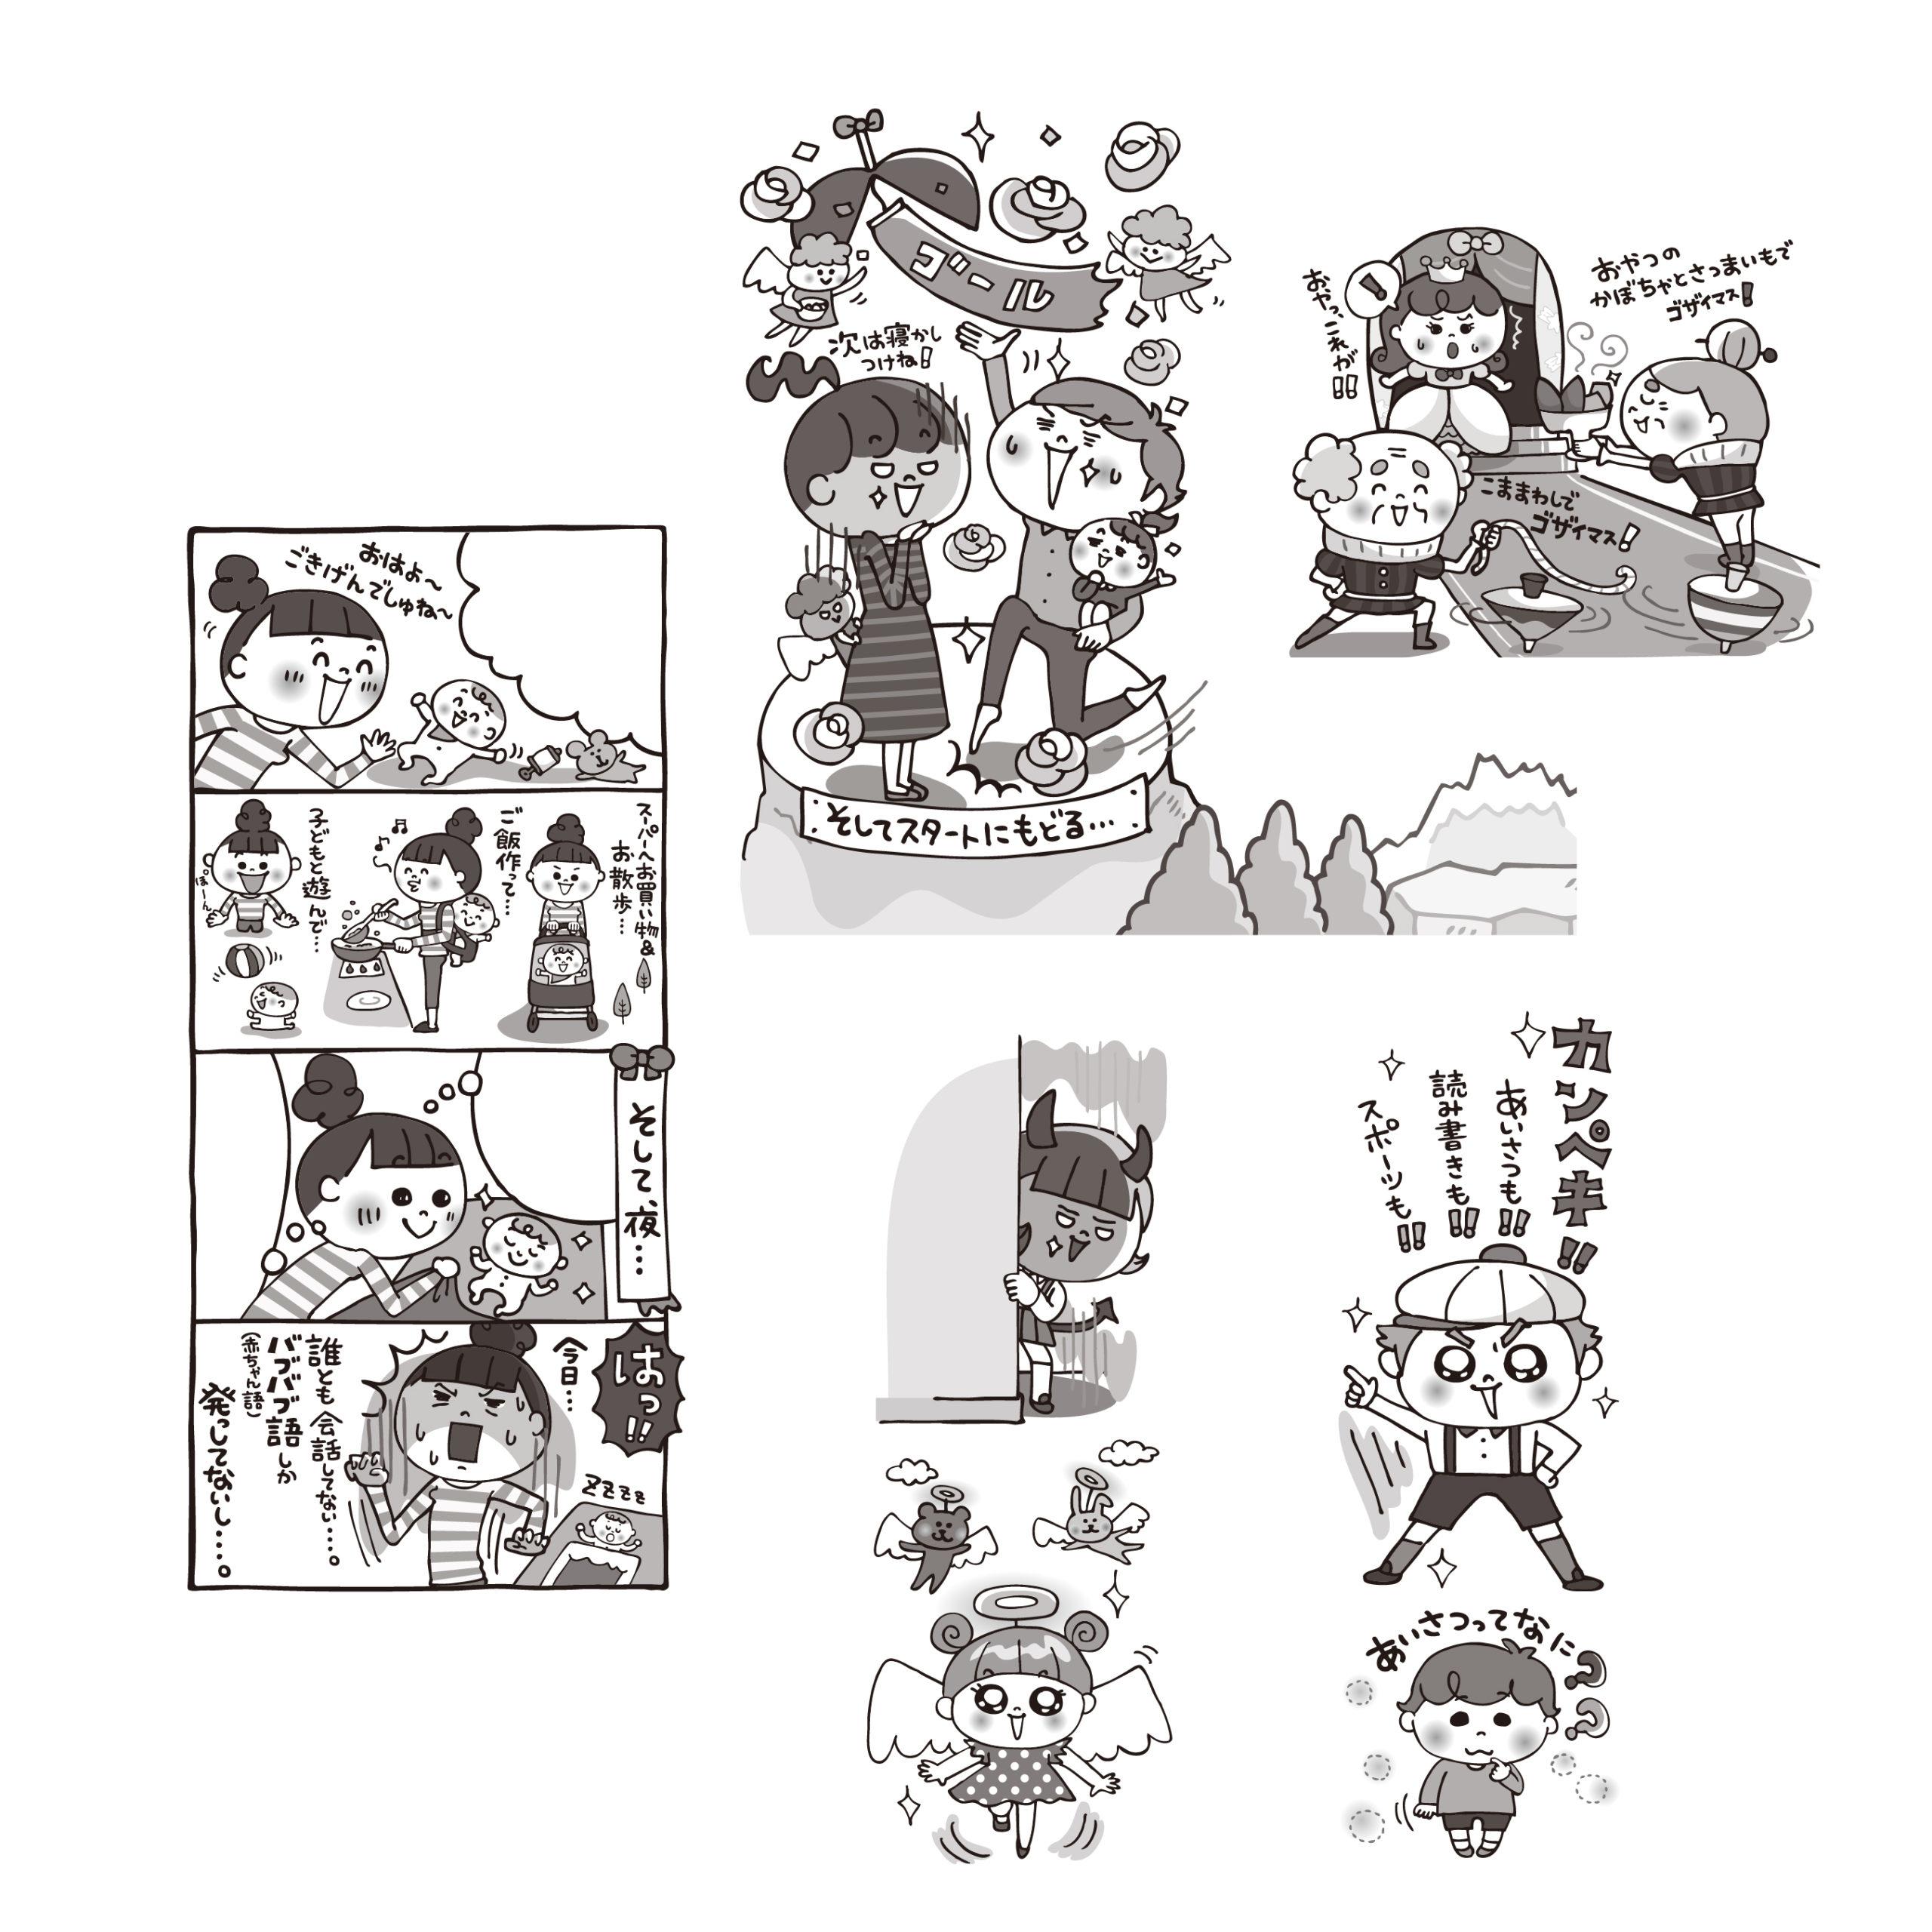 かわいい系コママンガ(illust16)